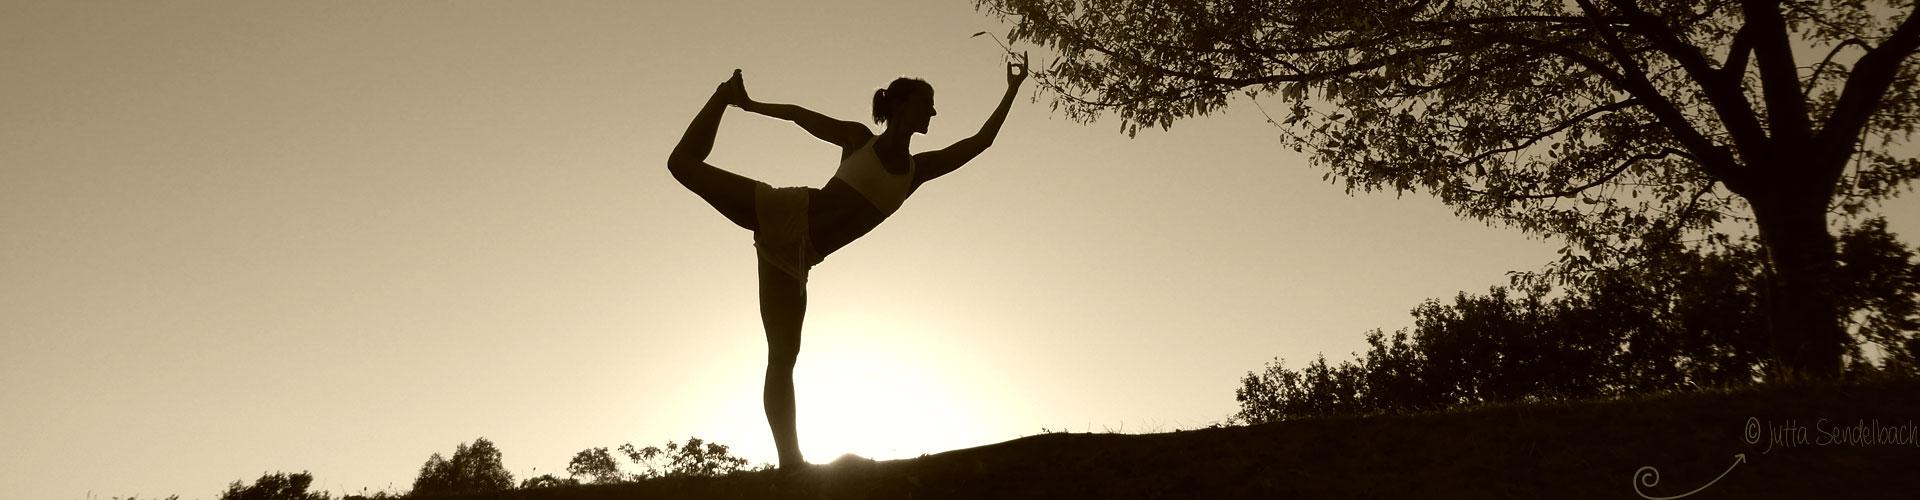 Yoga-Workshops 2017 mit Stina Hauser in Karlsruhe